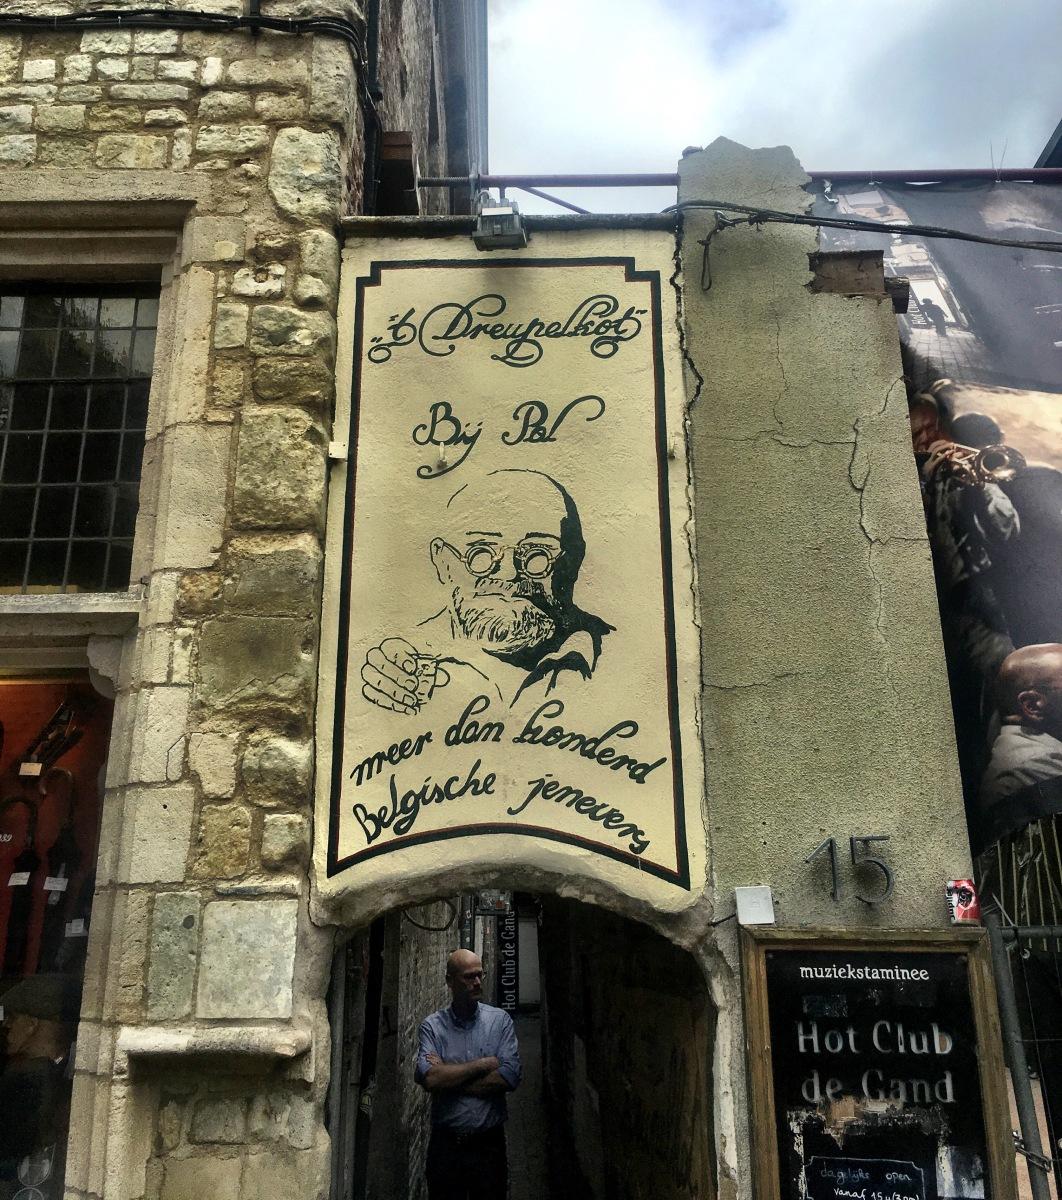 Dreupelkot (Pol's Bar)